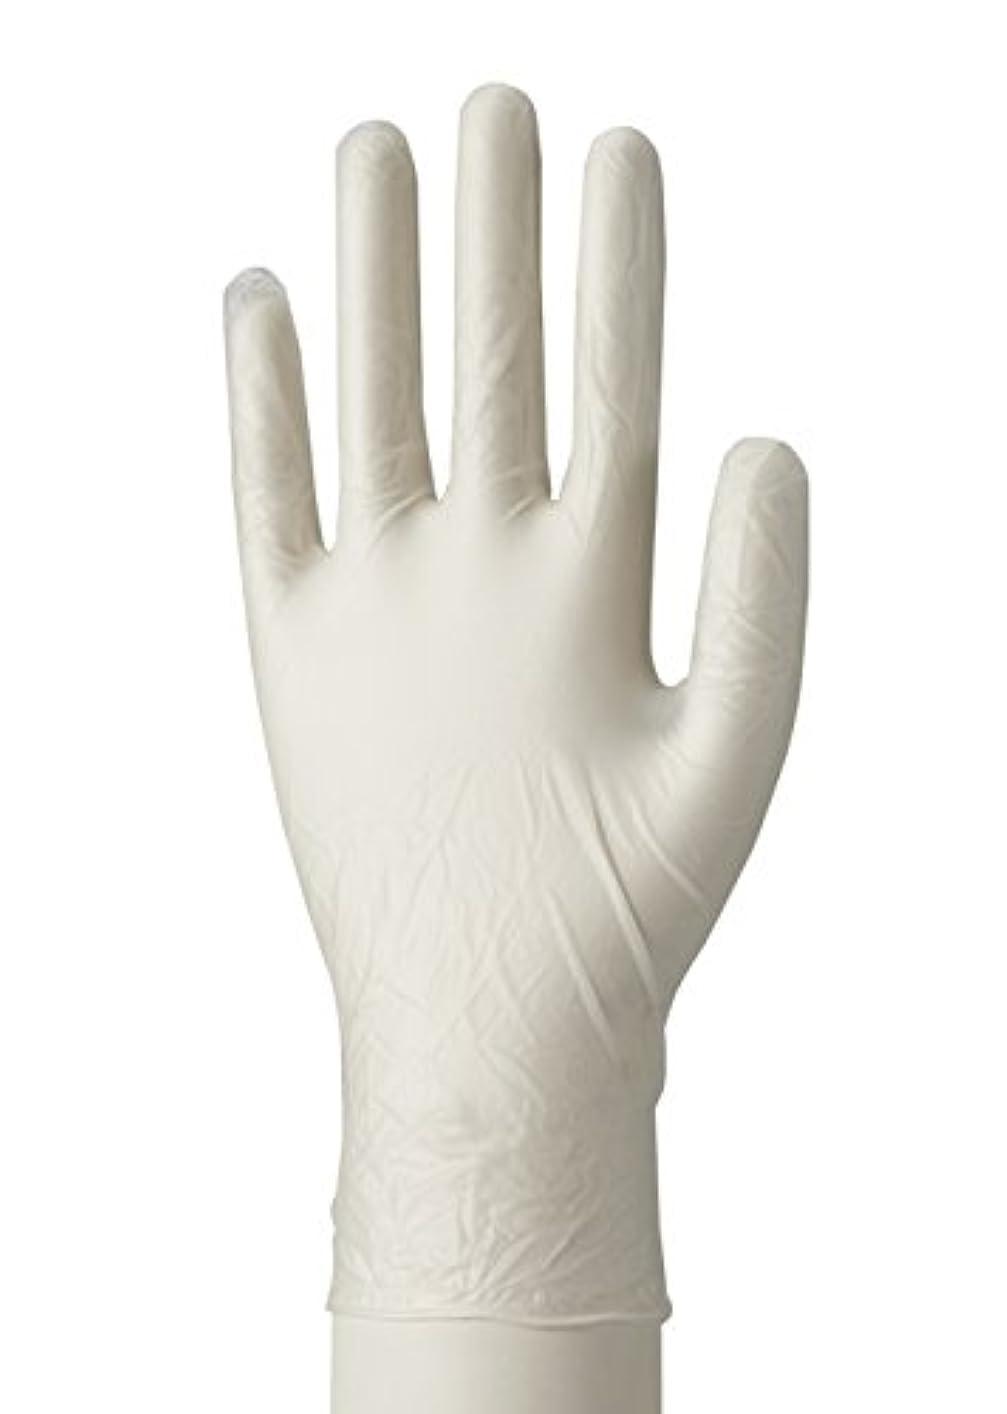 一族ガイダンス情熱マツヨシ 使い捨て手袋 マイスコPVCグローブ 粉なし MY-7523(サイズ:L)100枚入り 病院採用商品